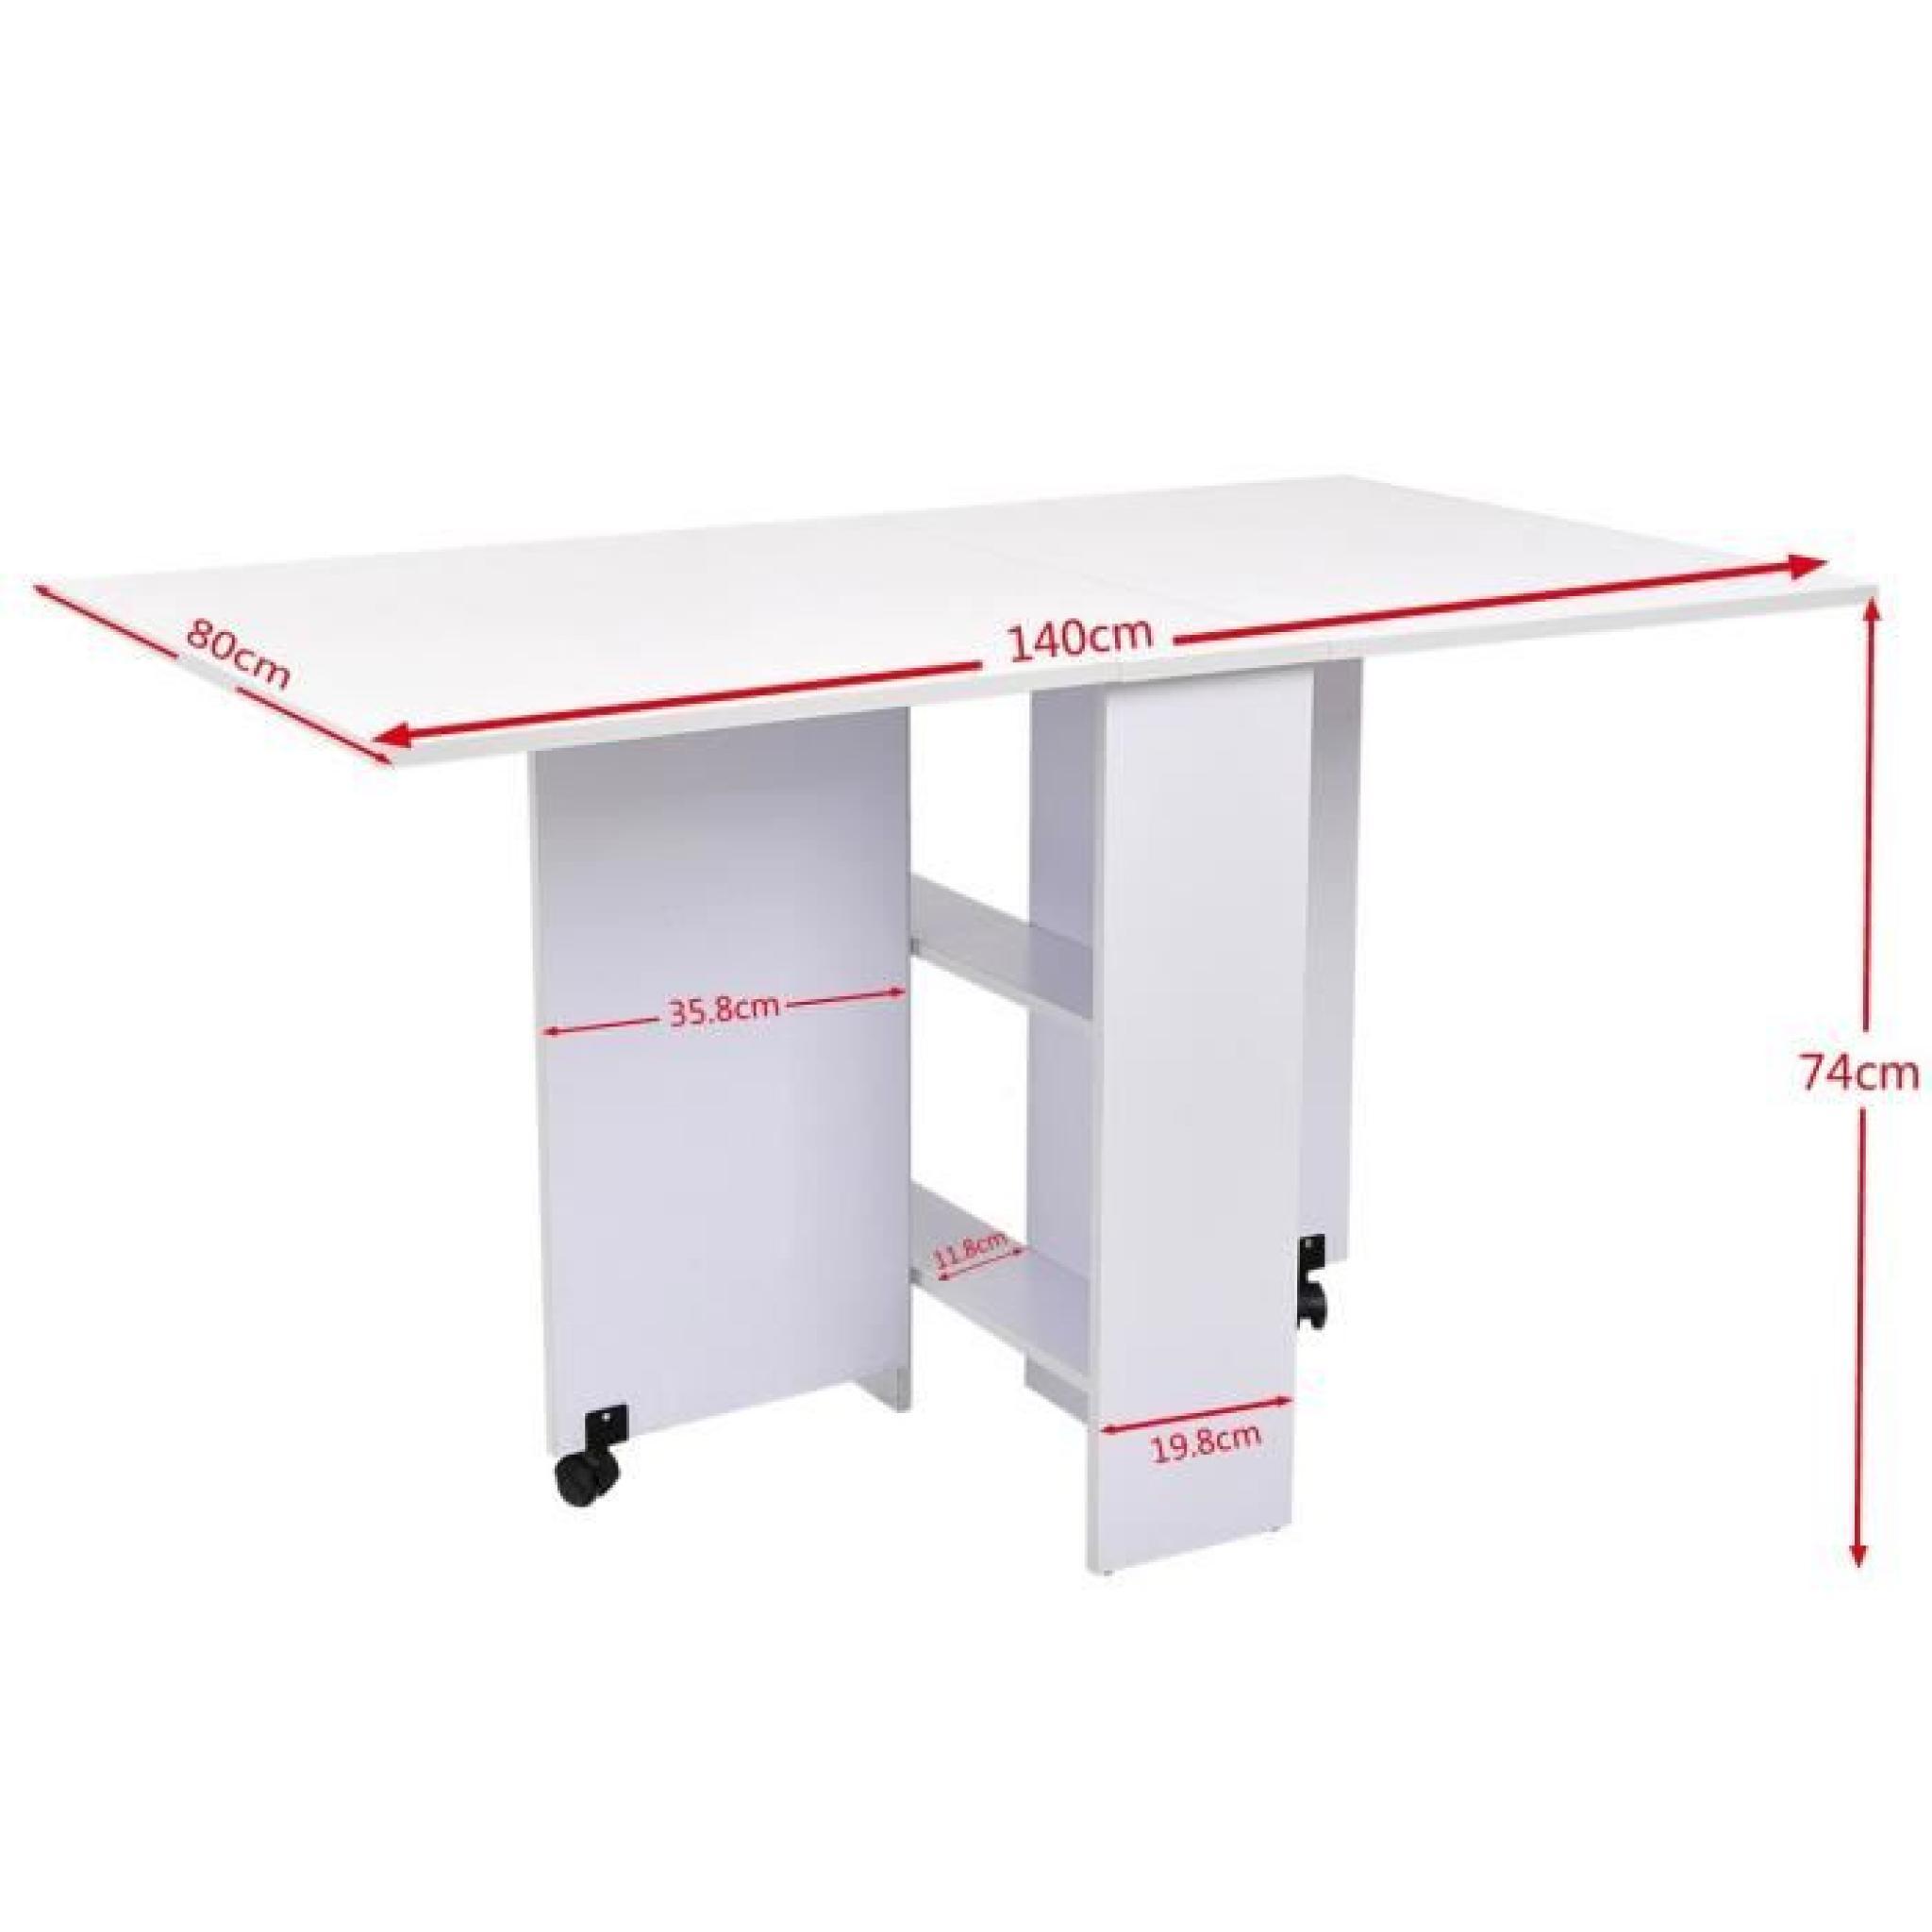 table de cuisine salle manger pliable amovible achat vente table salle a manger pas cher. Black Bedroom Furniture Sets. Home Design Ideas